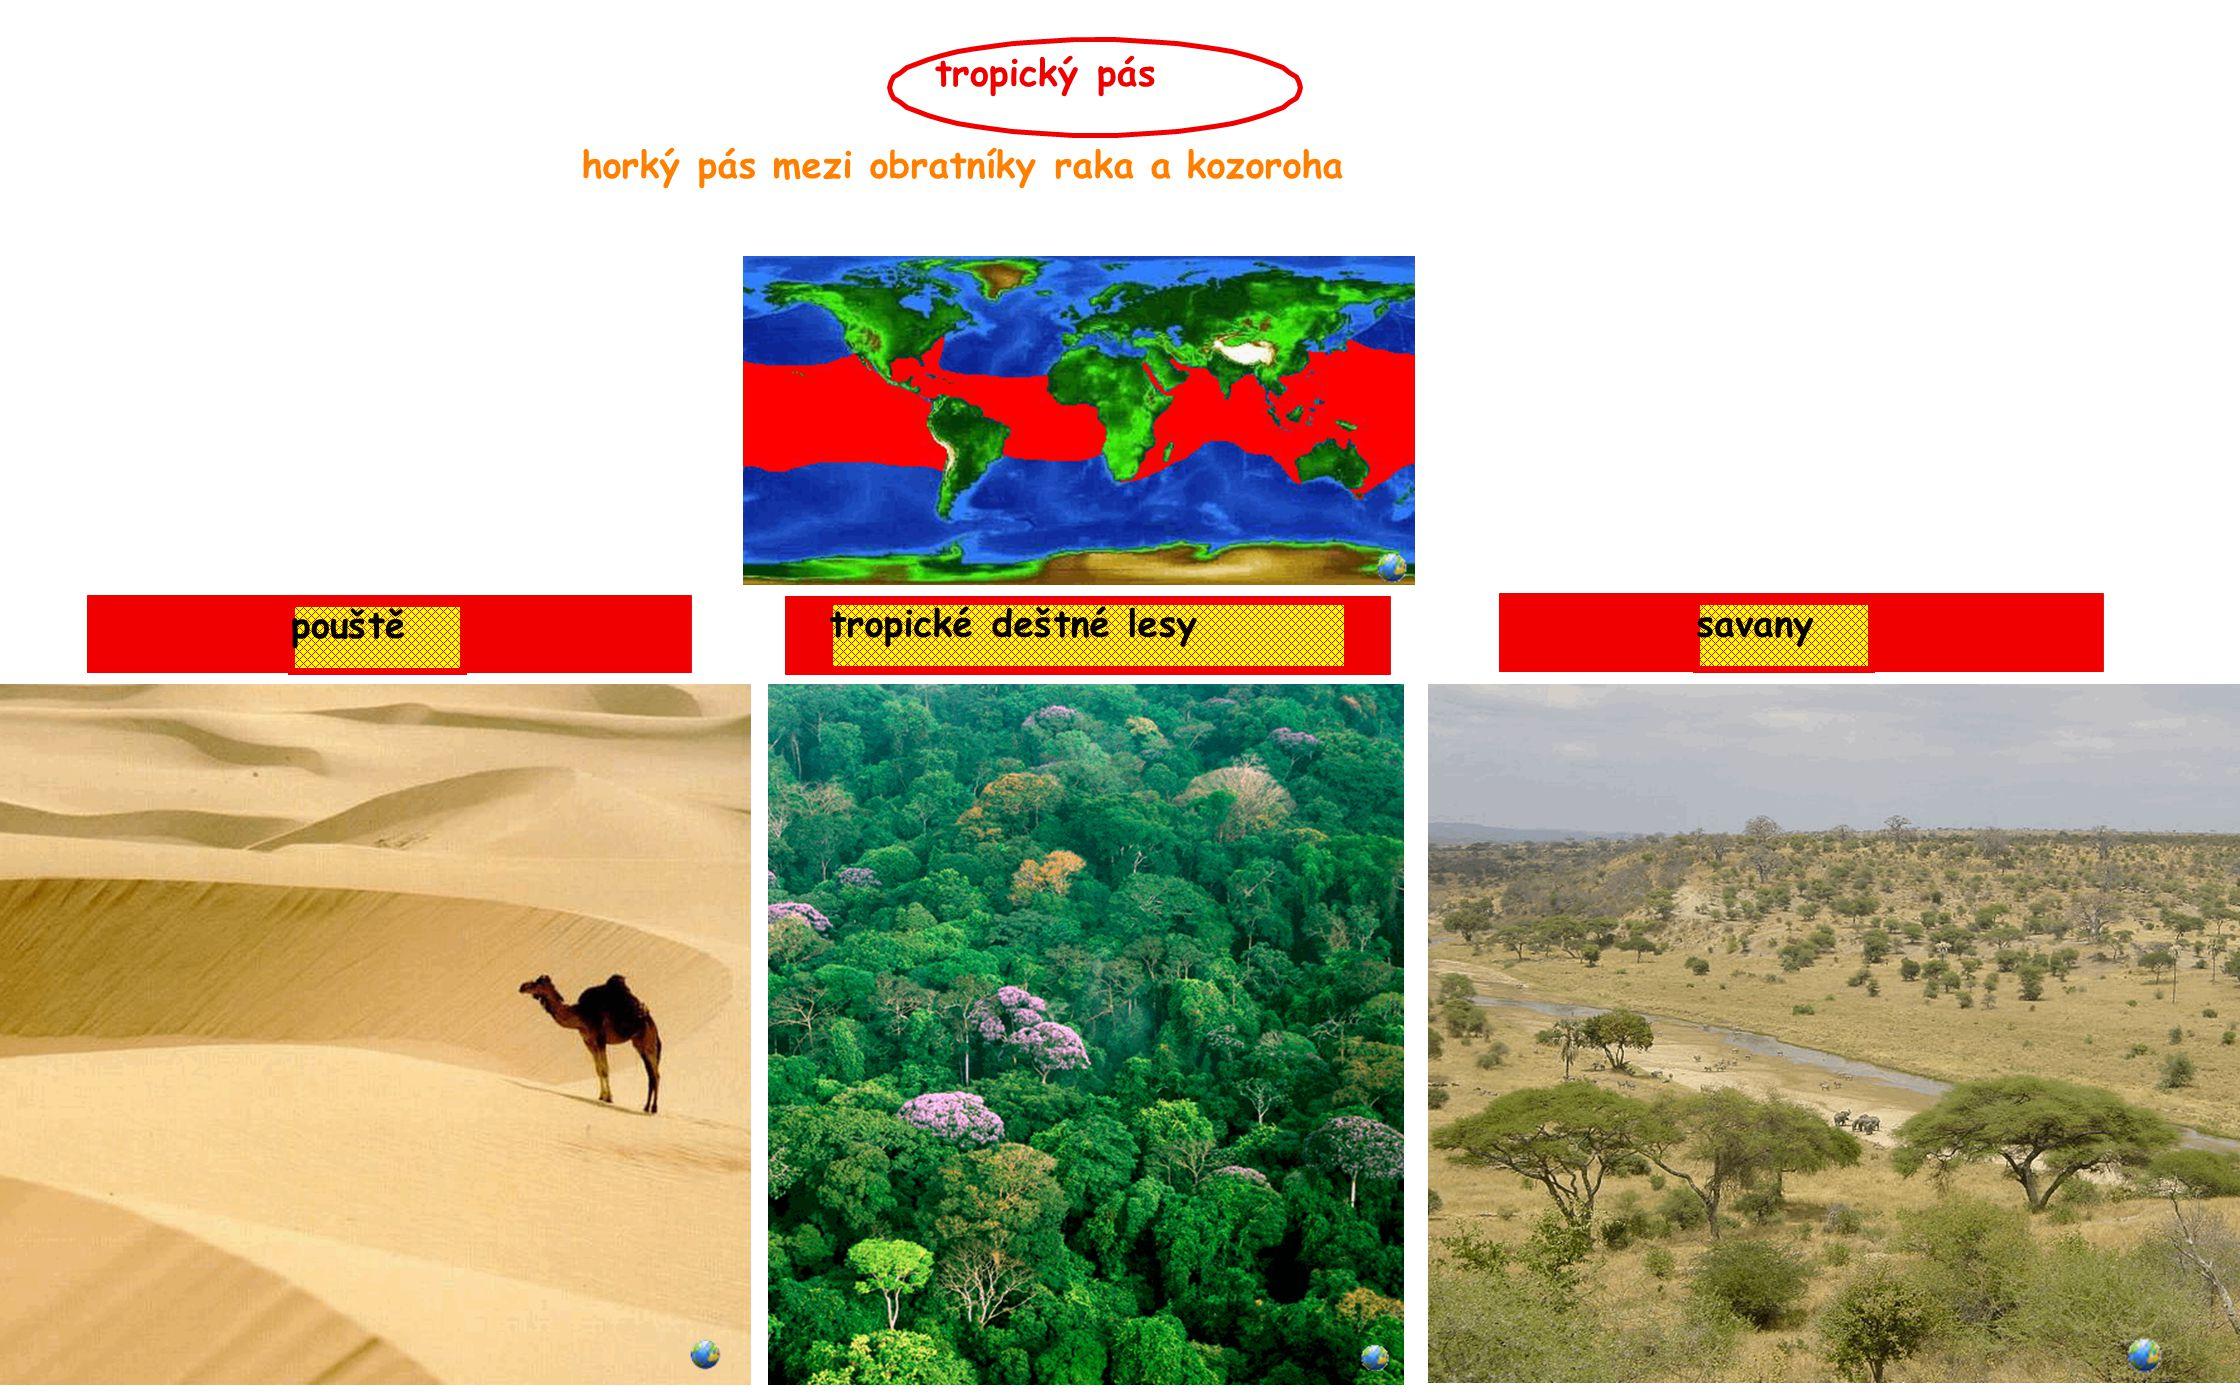 tropický pás horký pás mezi obratníky raka a kozoroha pouště tropické deštné lesy savany